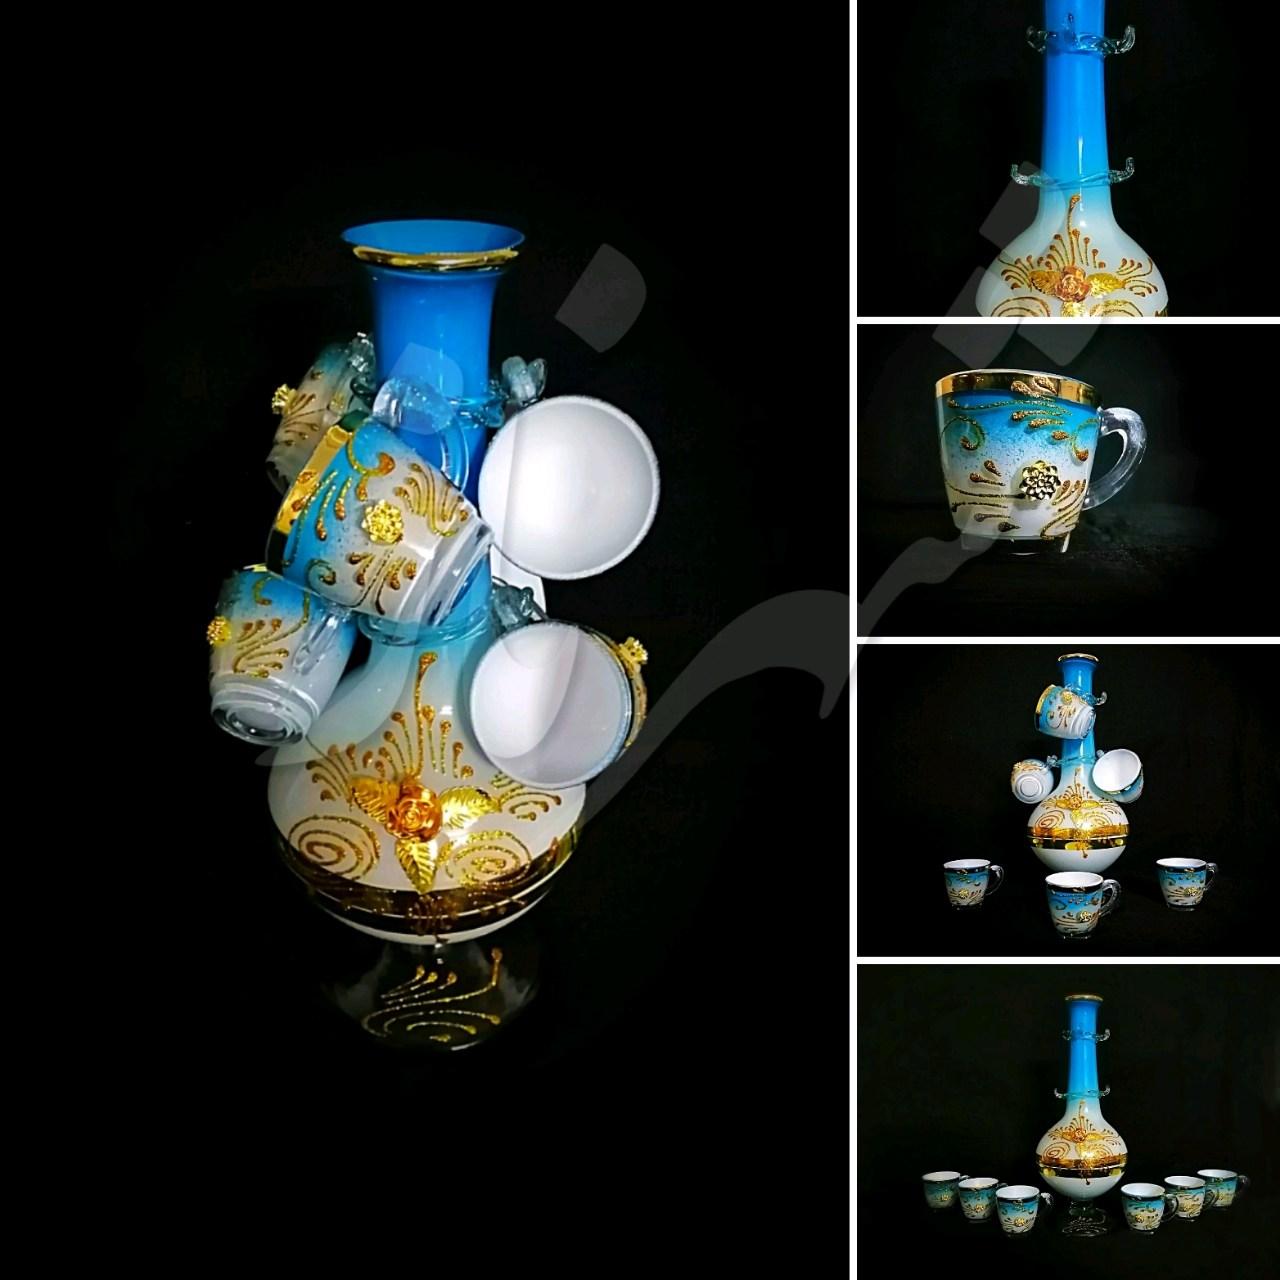 شهرناز، شهریست پر از زیبایی<br/>گلدان درختی<br/>رنگ:آبی فیروزه ای، طلایی و سفید(لب فیروزه ای) <br/>جنس گلدان از شیشه است<br/>و رنگ آن کوره ای نیست<br/>قیمت یک دست:۵۵.000<br/> buy-sell handmade other-handmade